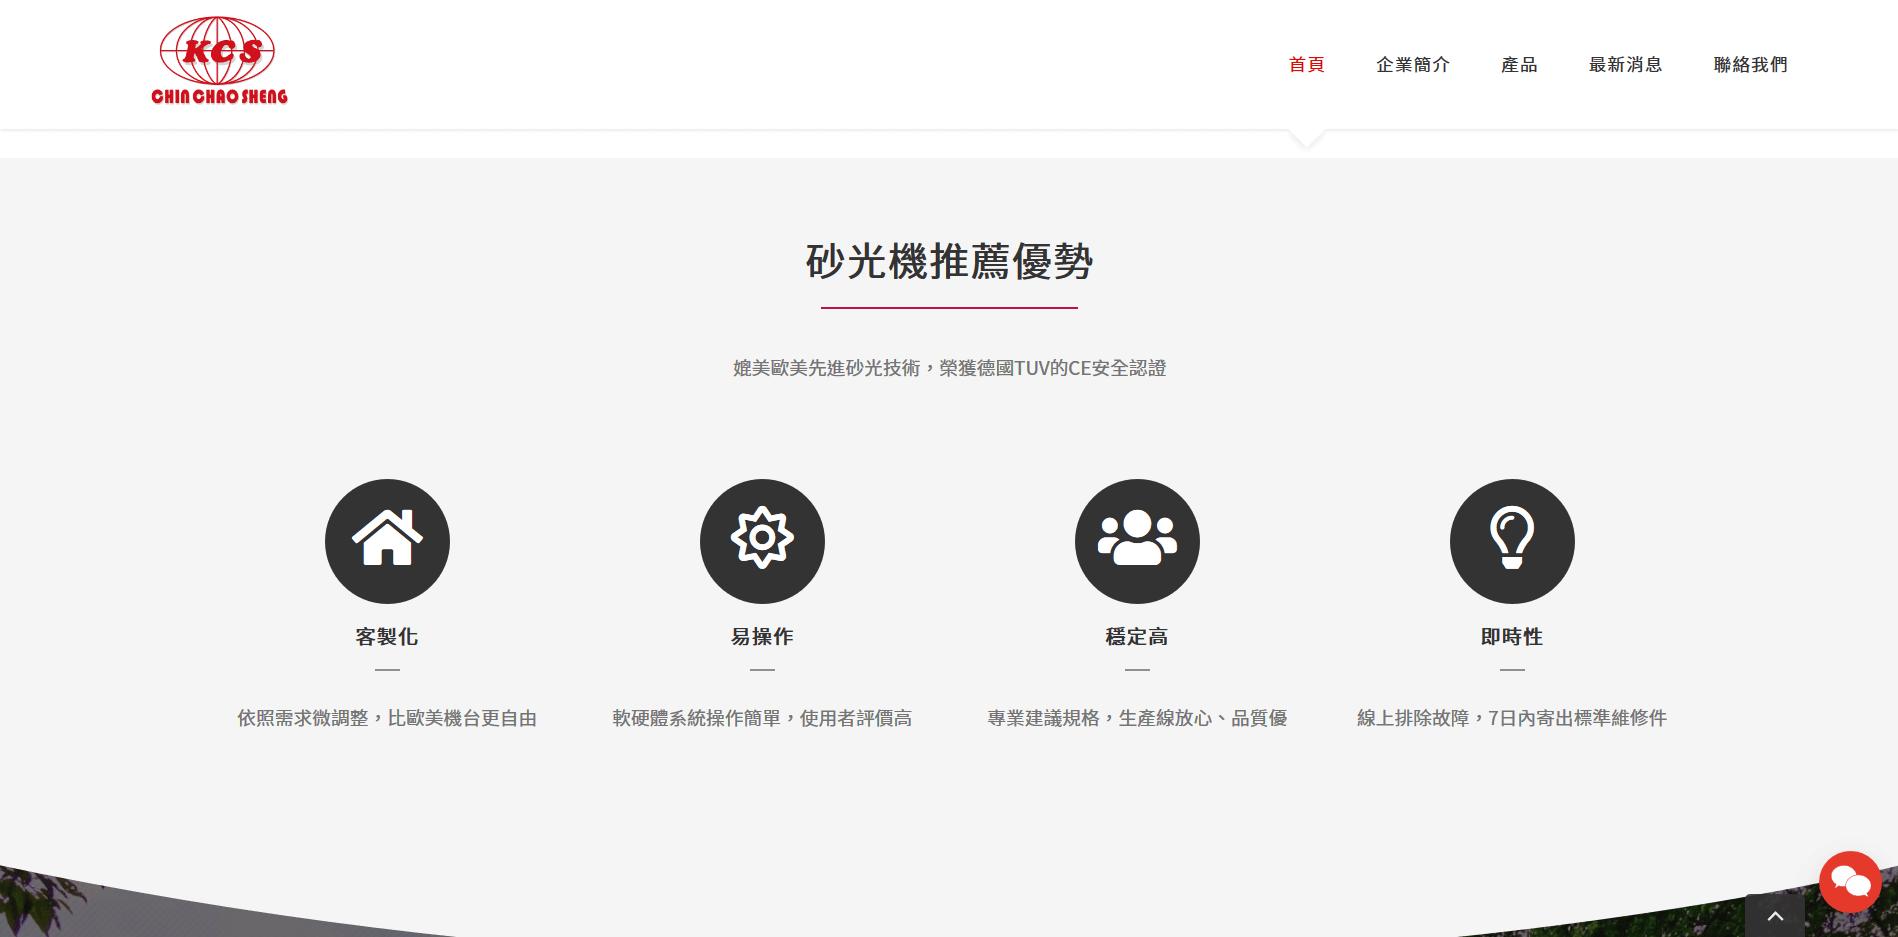 金照盛機械廠有限公司 (2)